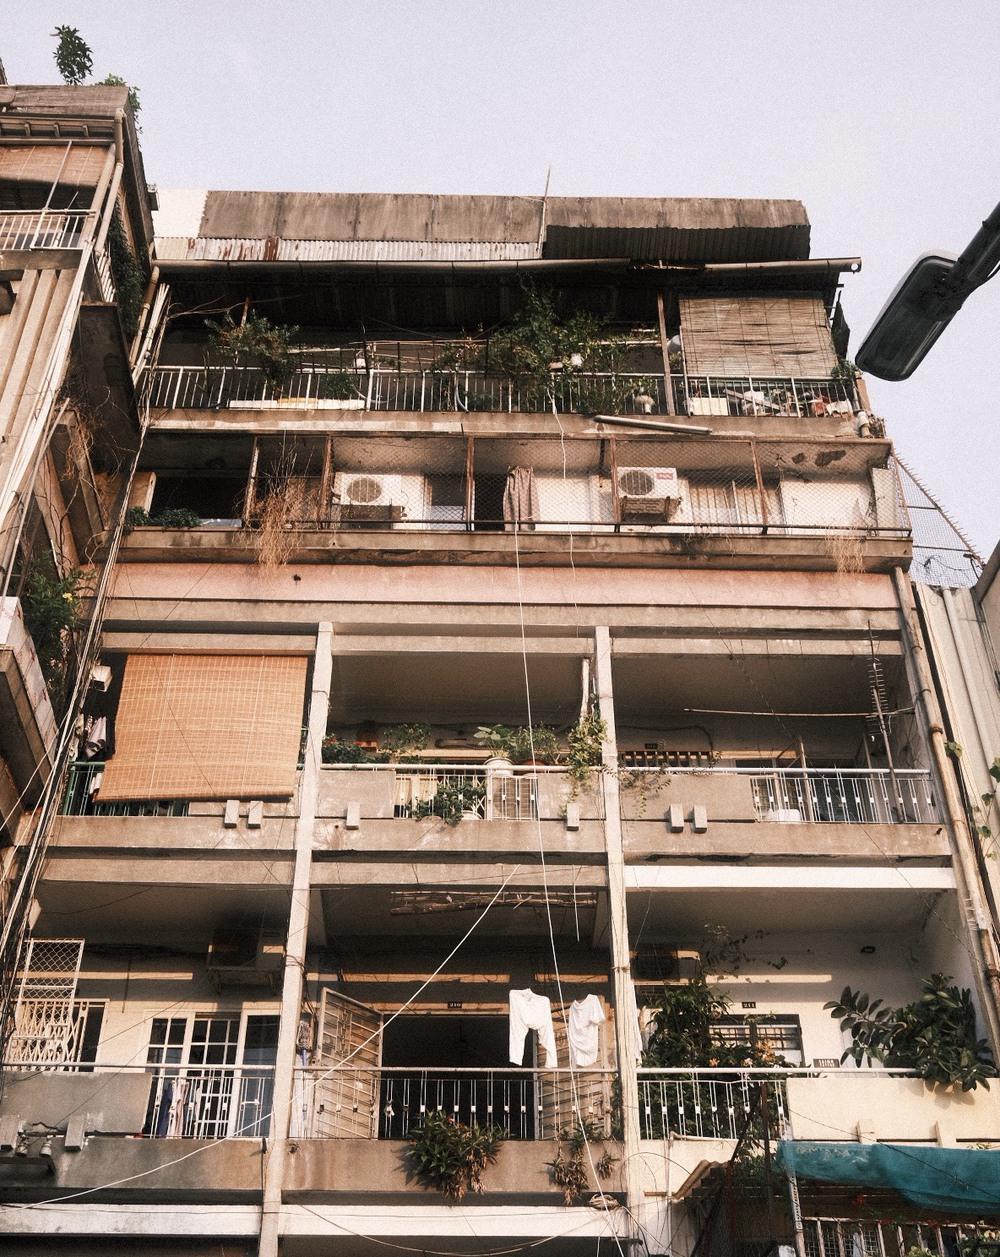 Chàng thợ xăm cải tạo chung cư cũ với 300 triệu, diện tích chỉ 30m2 nhưng nhìn ảnh before - after vẫn thấy trầm trồ - Ảnh 2.